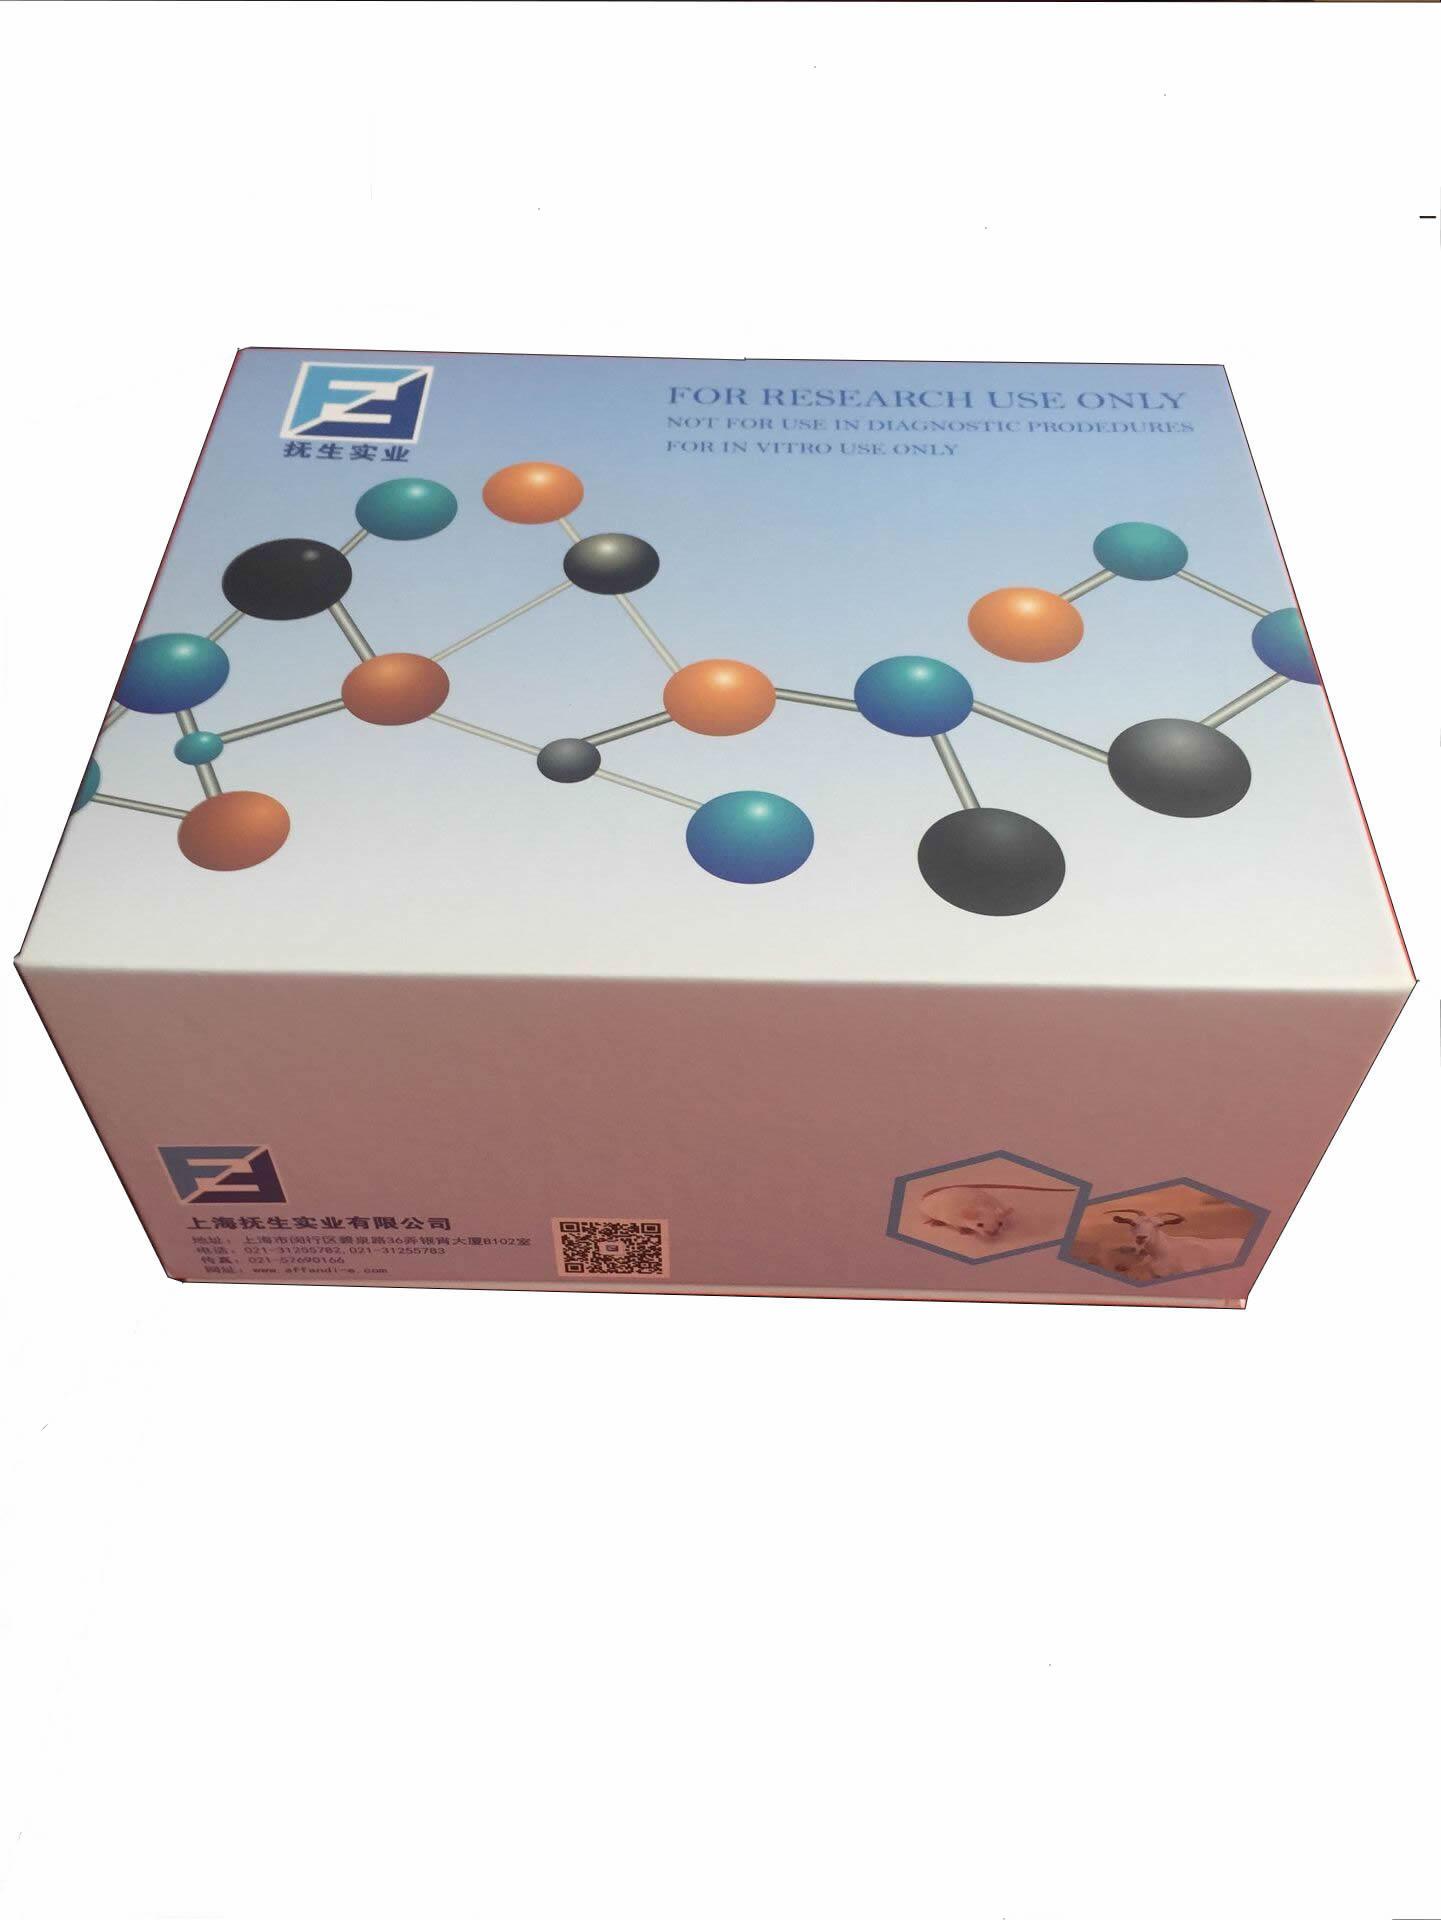 肠腺病毒检测试剂盒